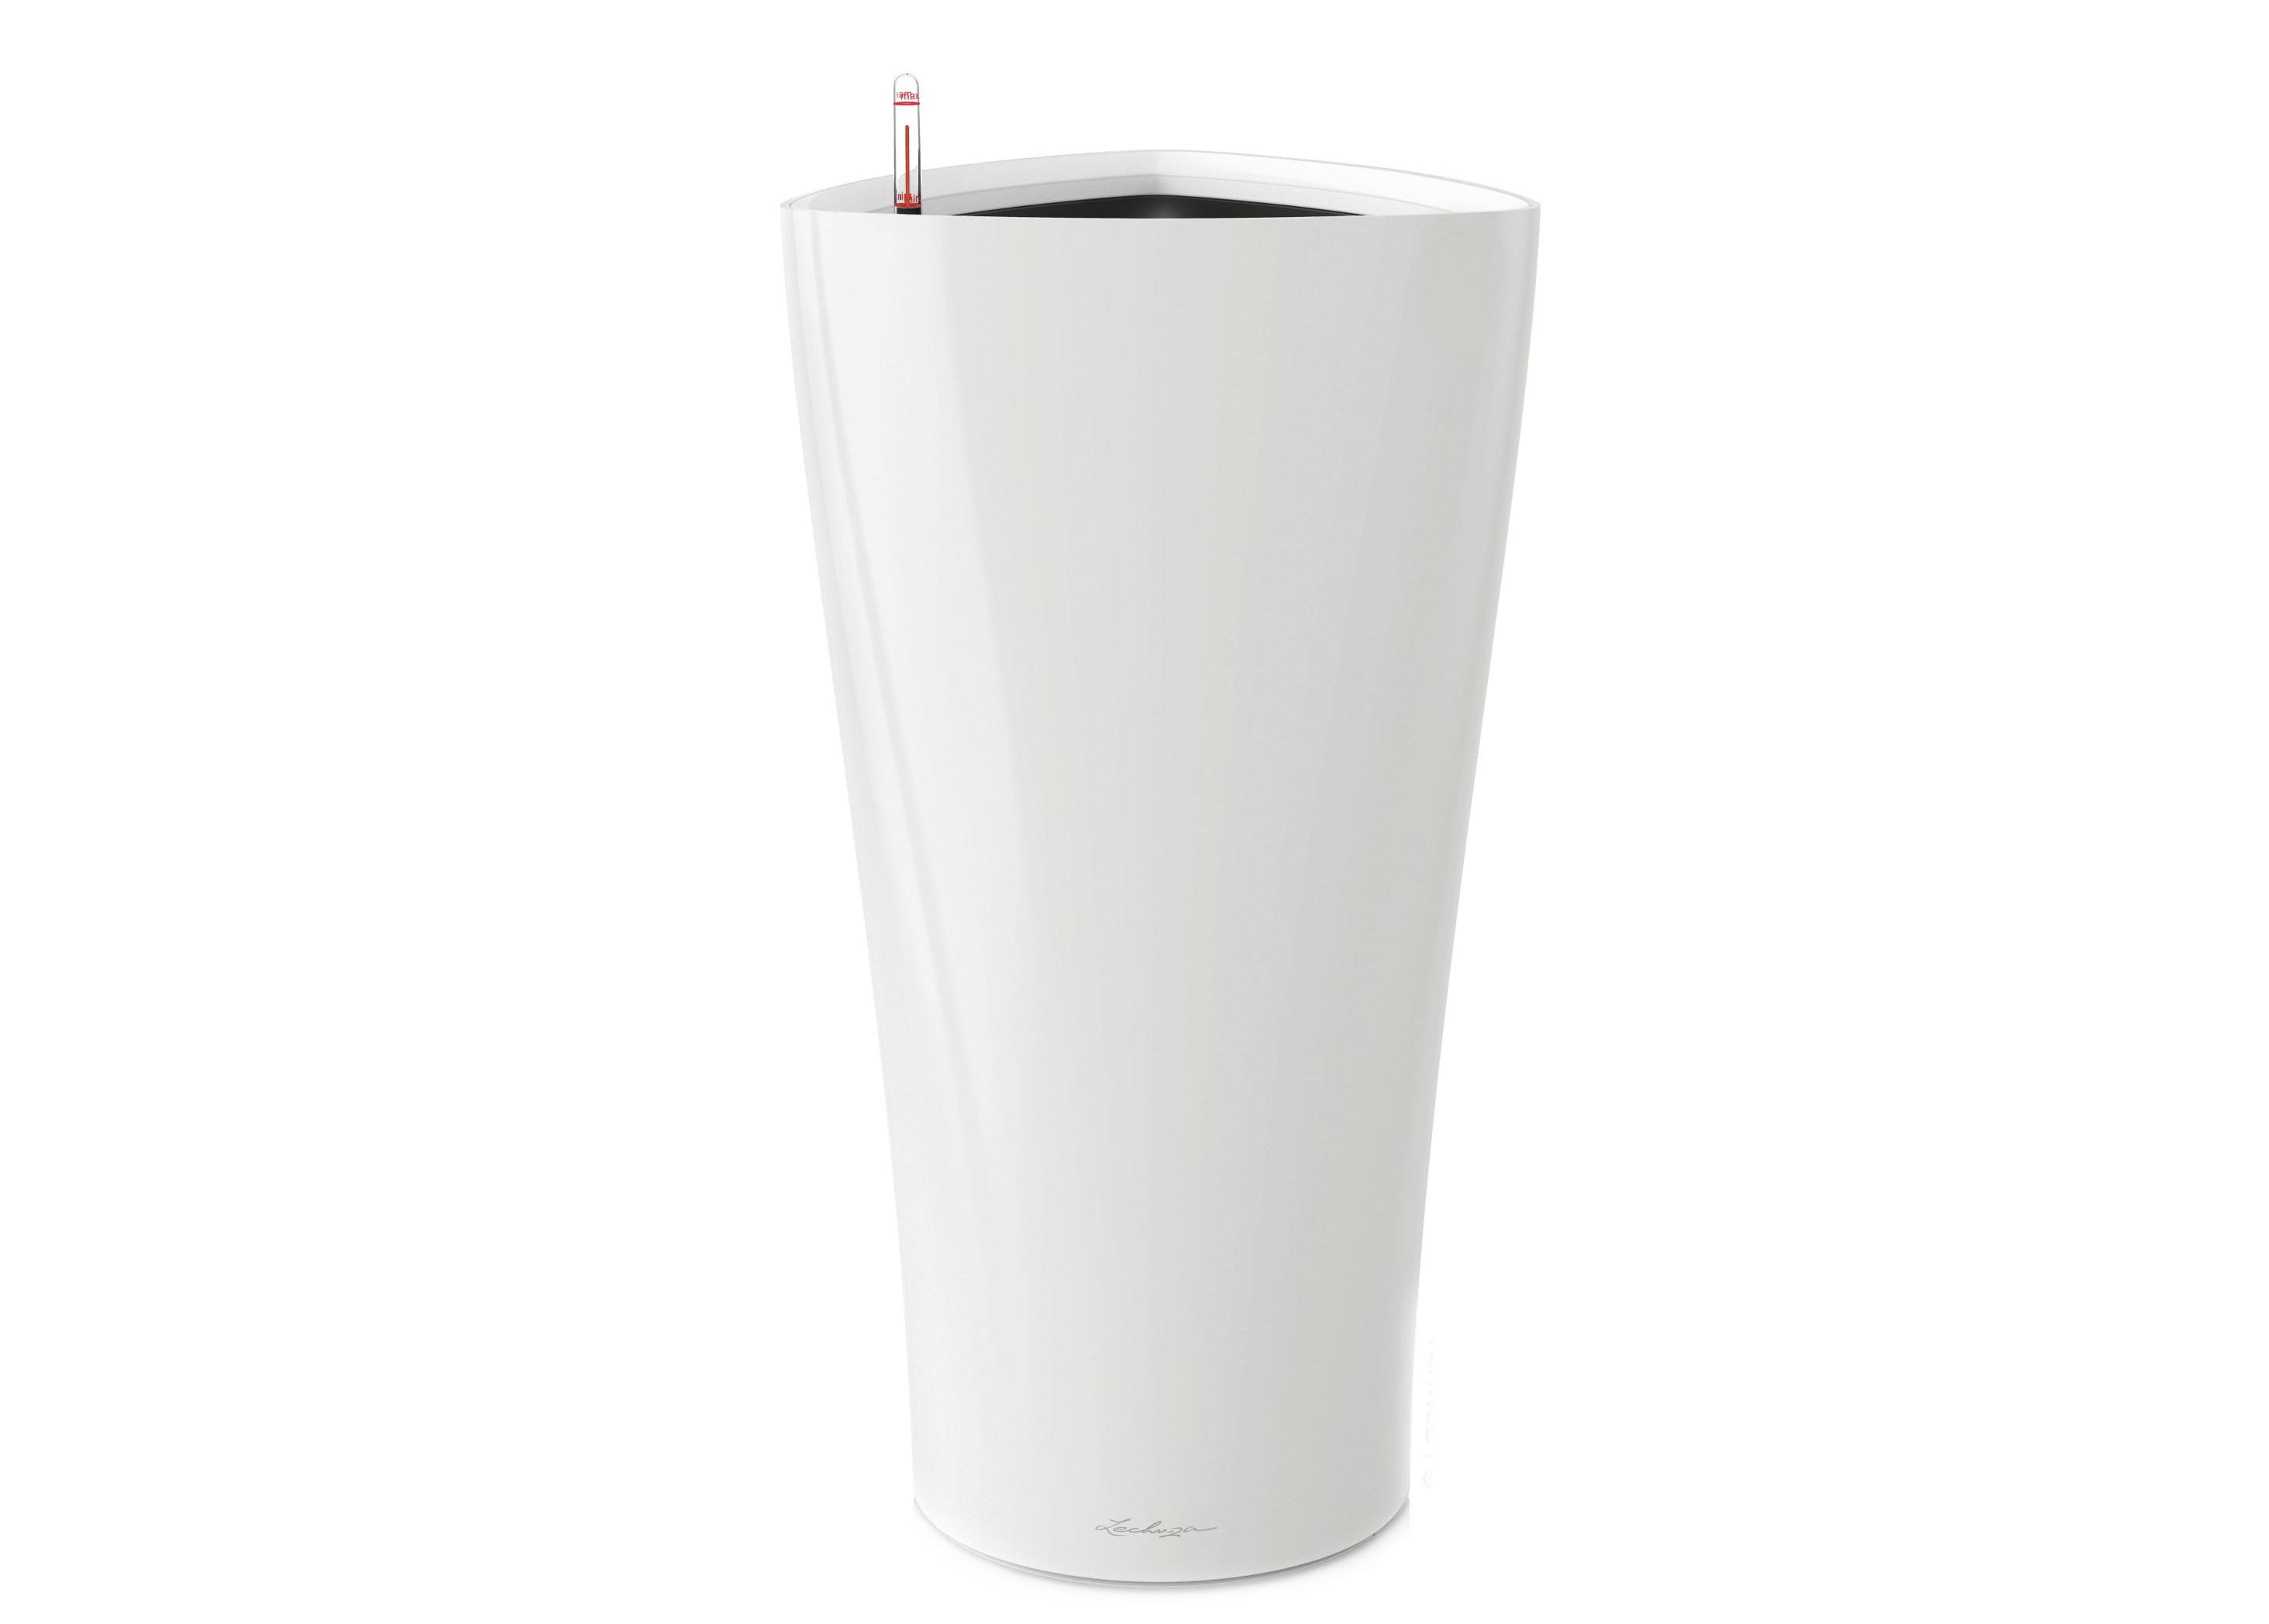 Кашпо с системой полива ДельтаКашпо<br><br><br>Material: Пластик<br>Width см: 40<br>Depth см: 40<br>Height см: 75